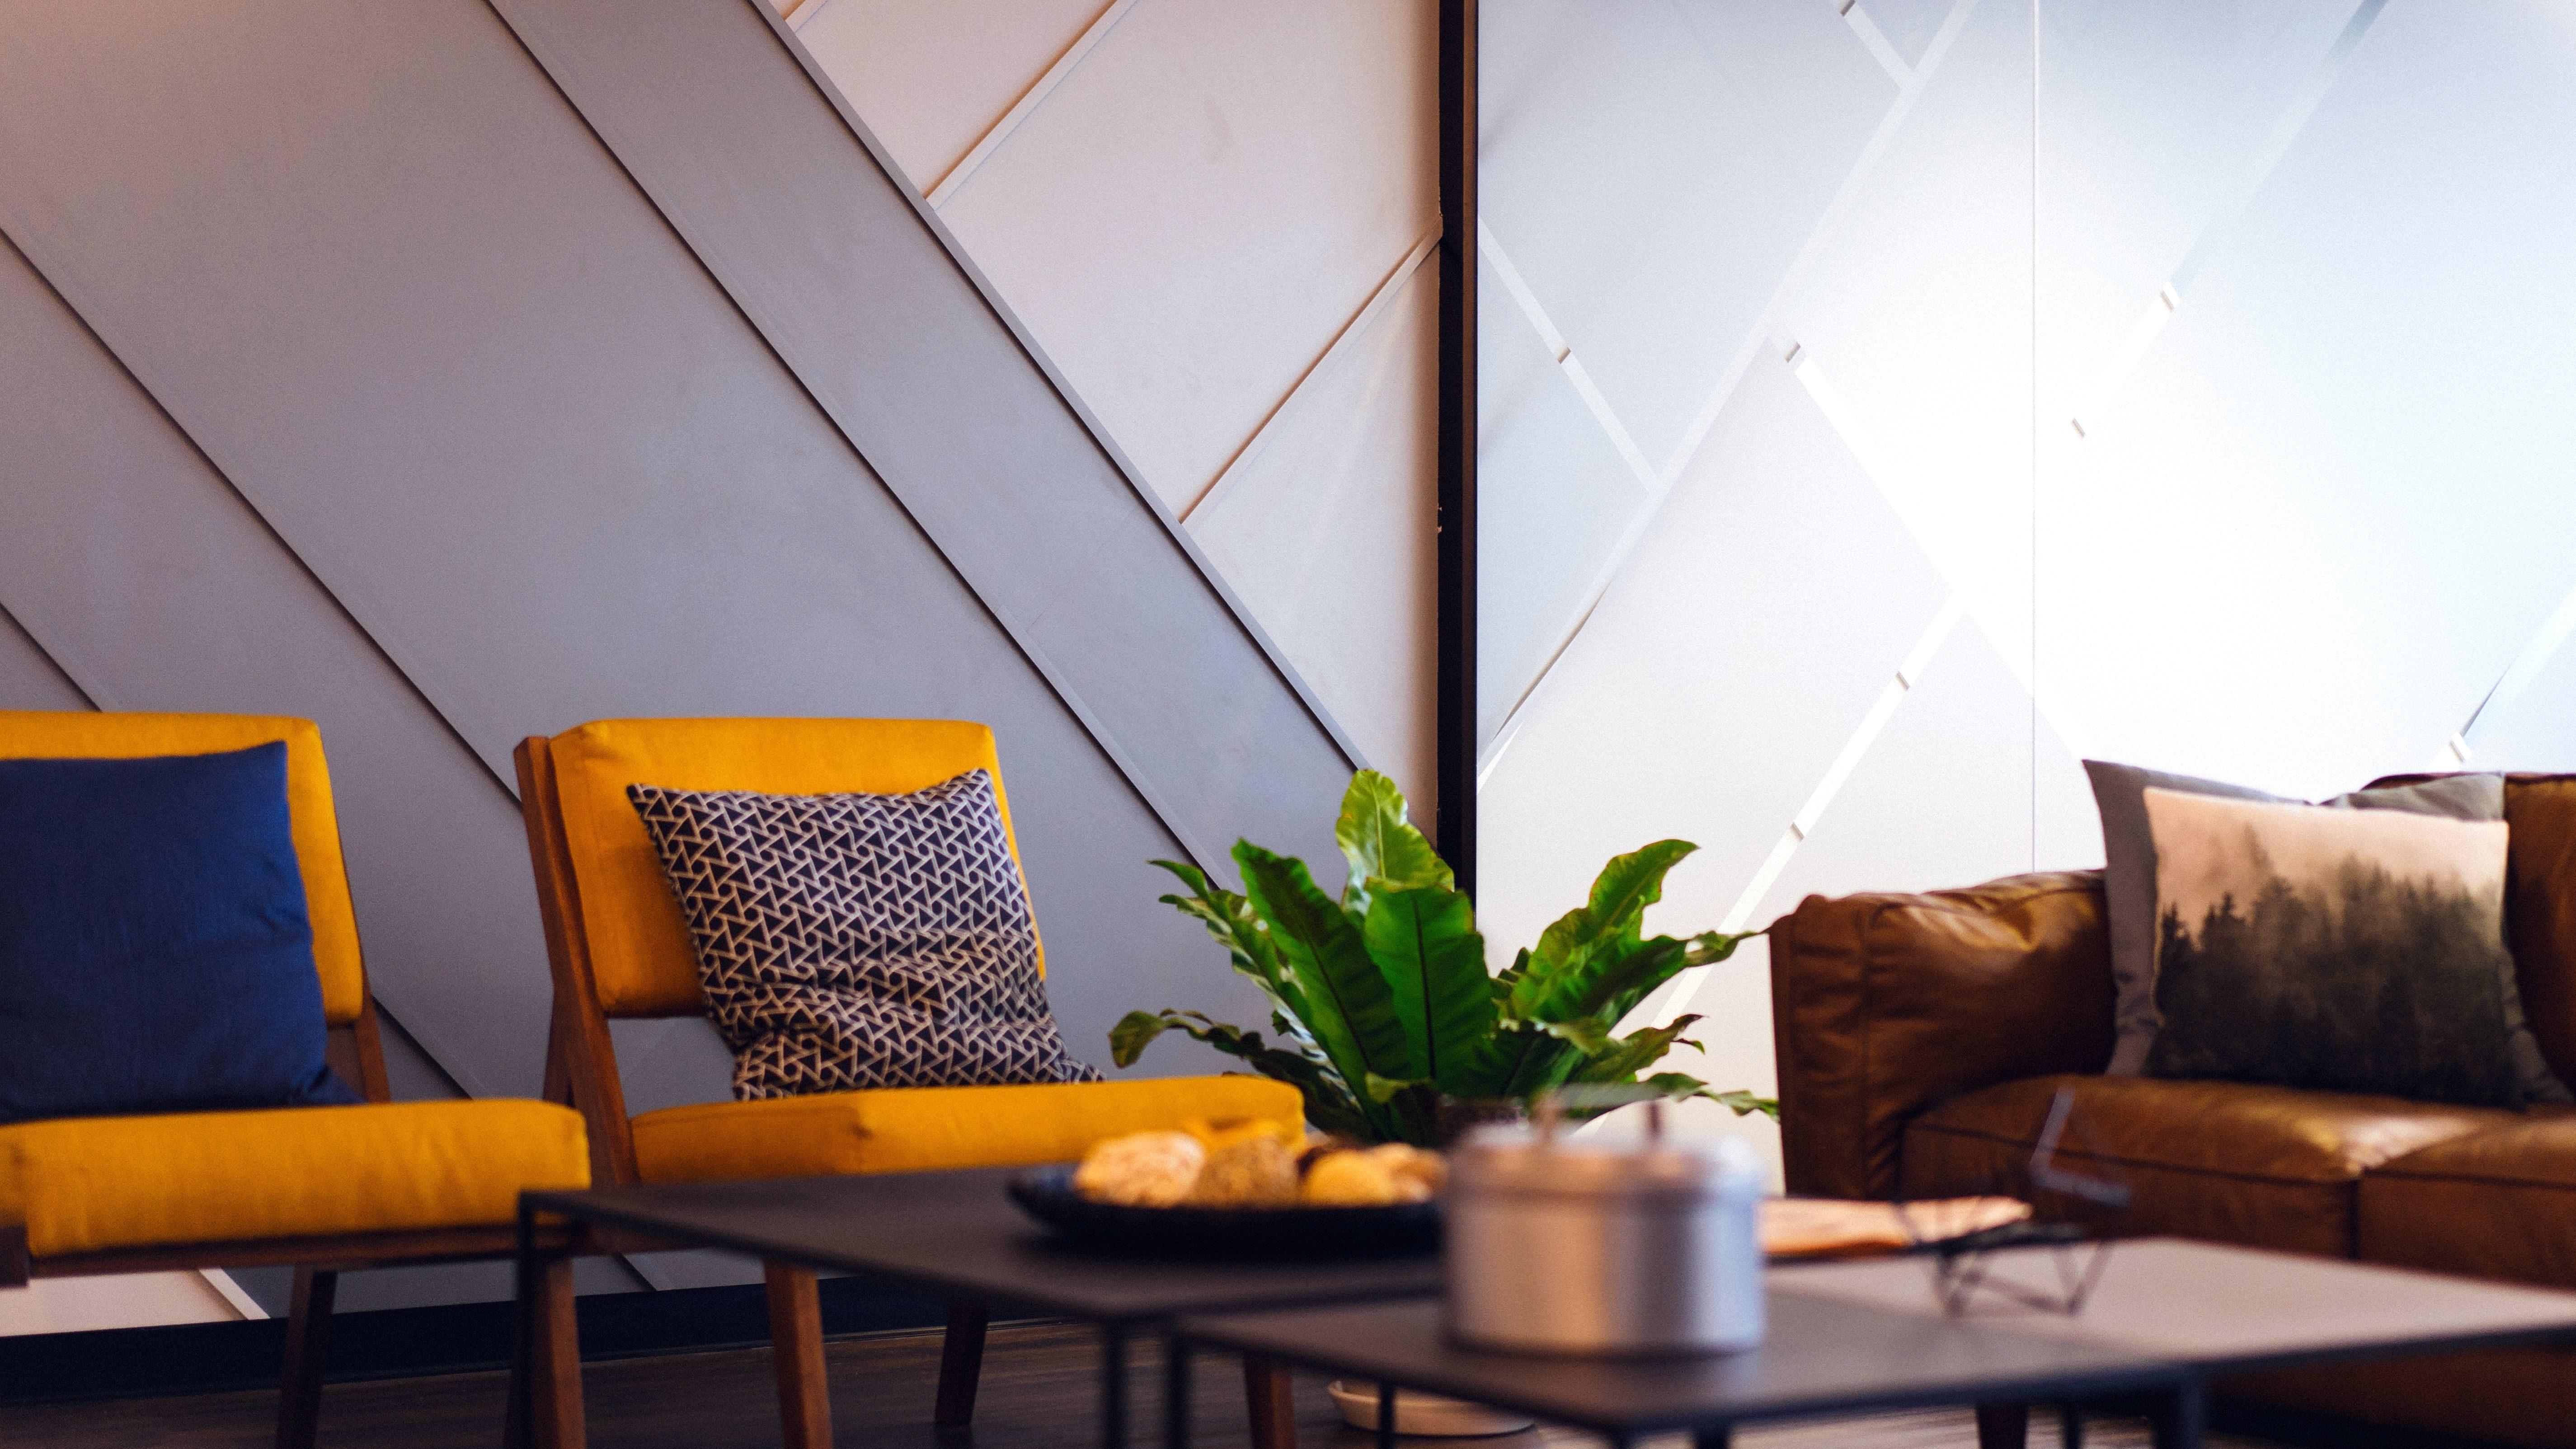 Schön Möbel, Bank, Stühle, Komfort, Moderne, Wohnzimmer, Innen